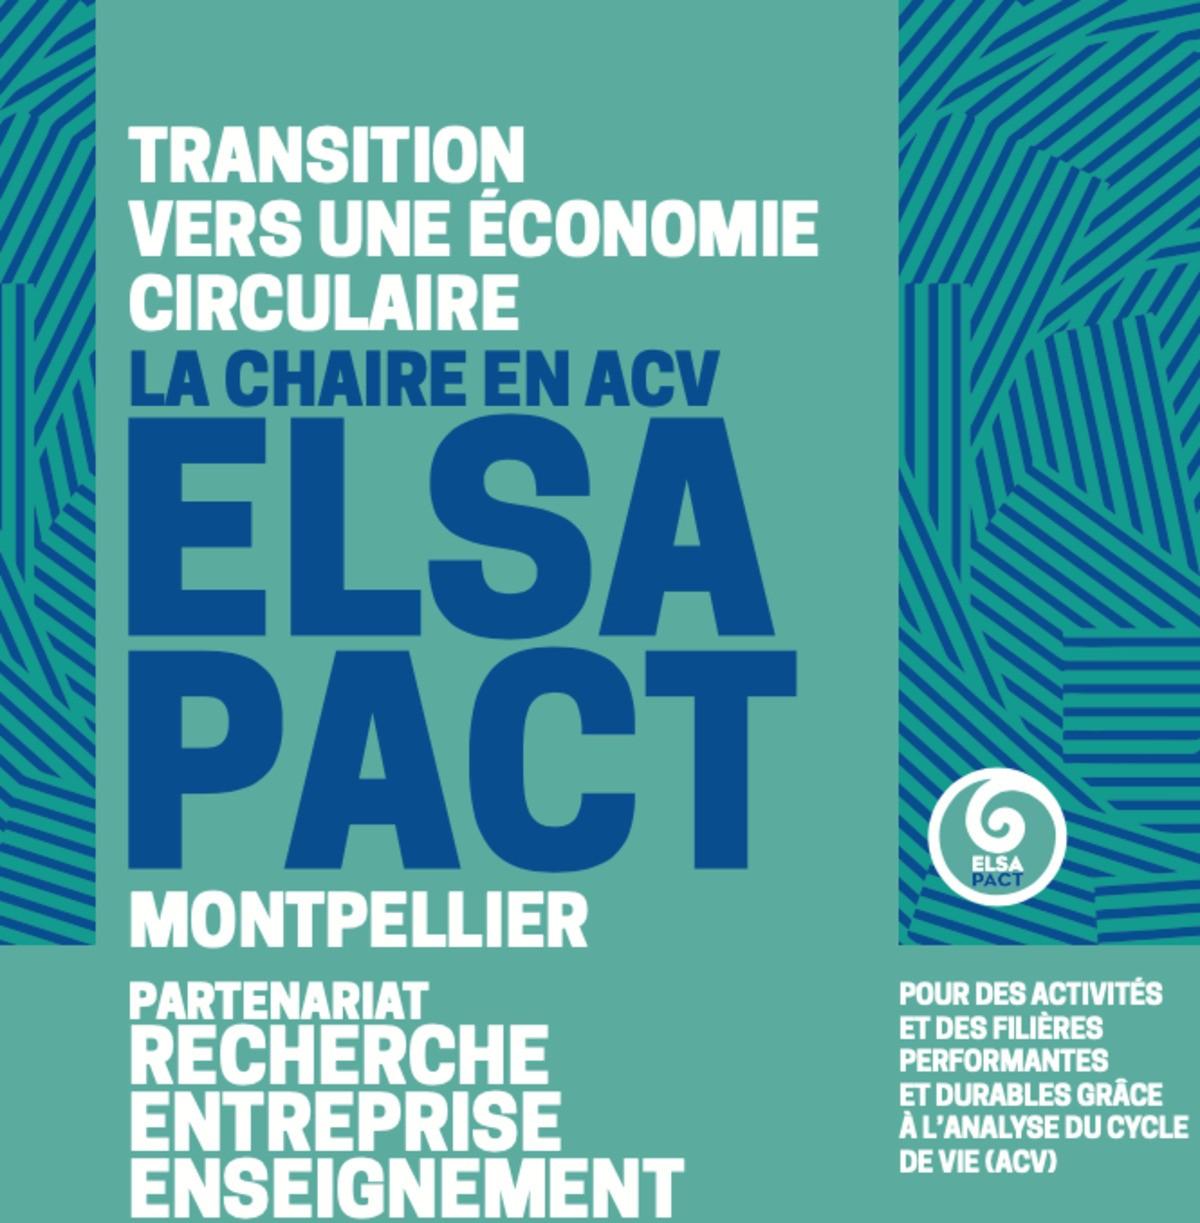 L'ACV : un outil contribuant à la performance environnementale et sociale de votre entreprise